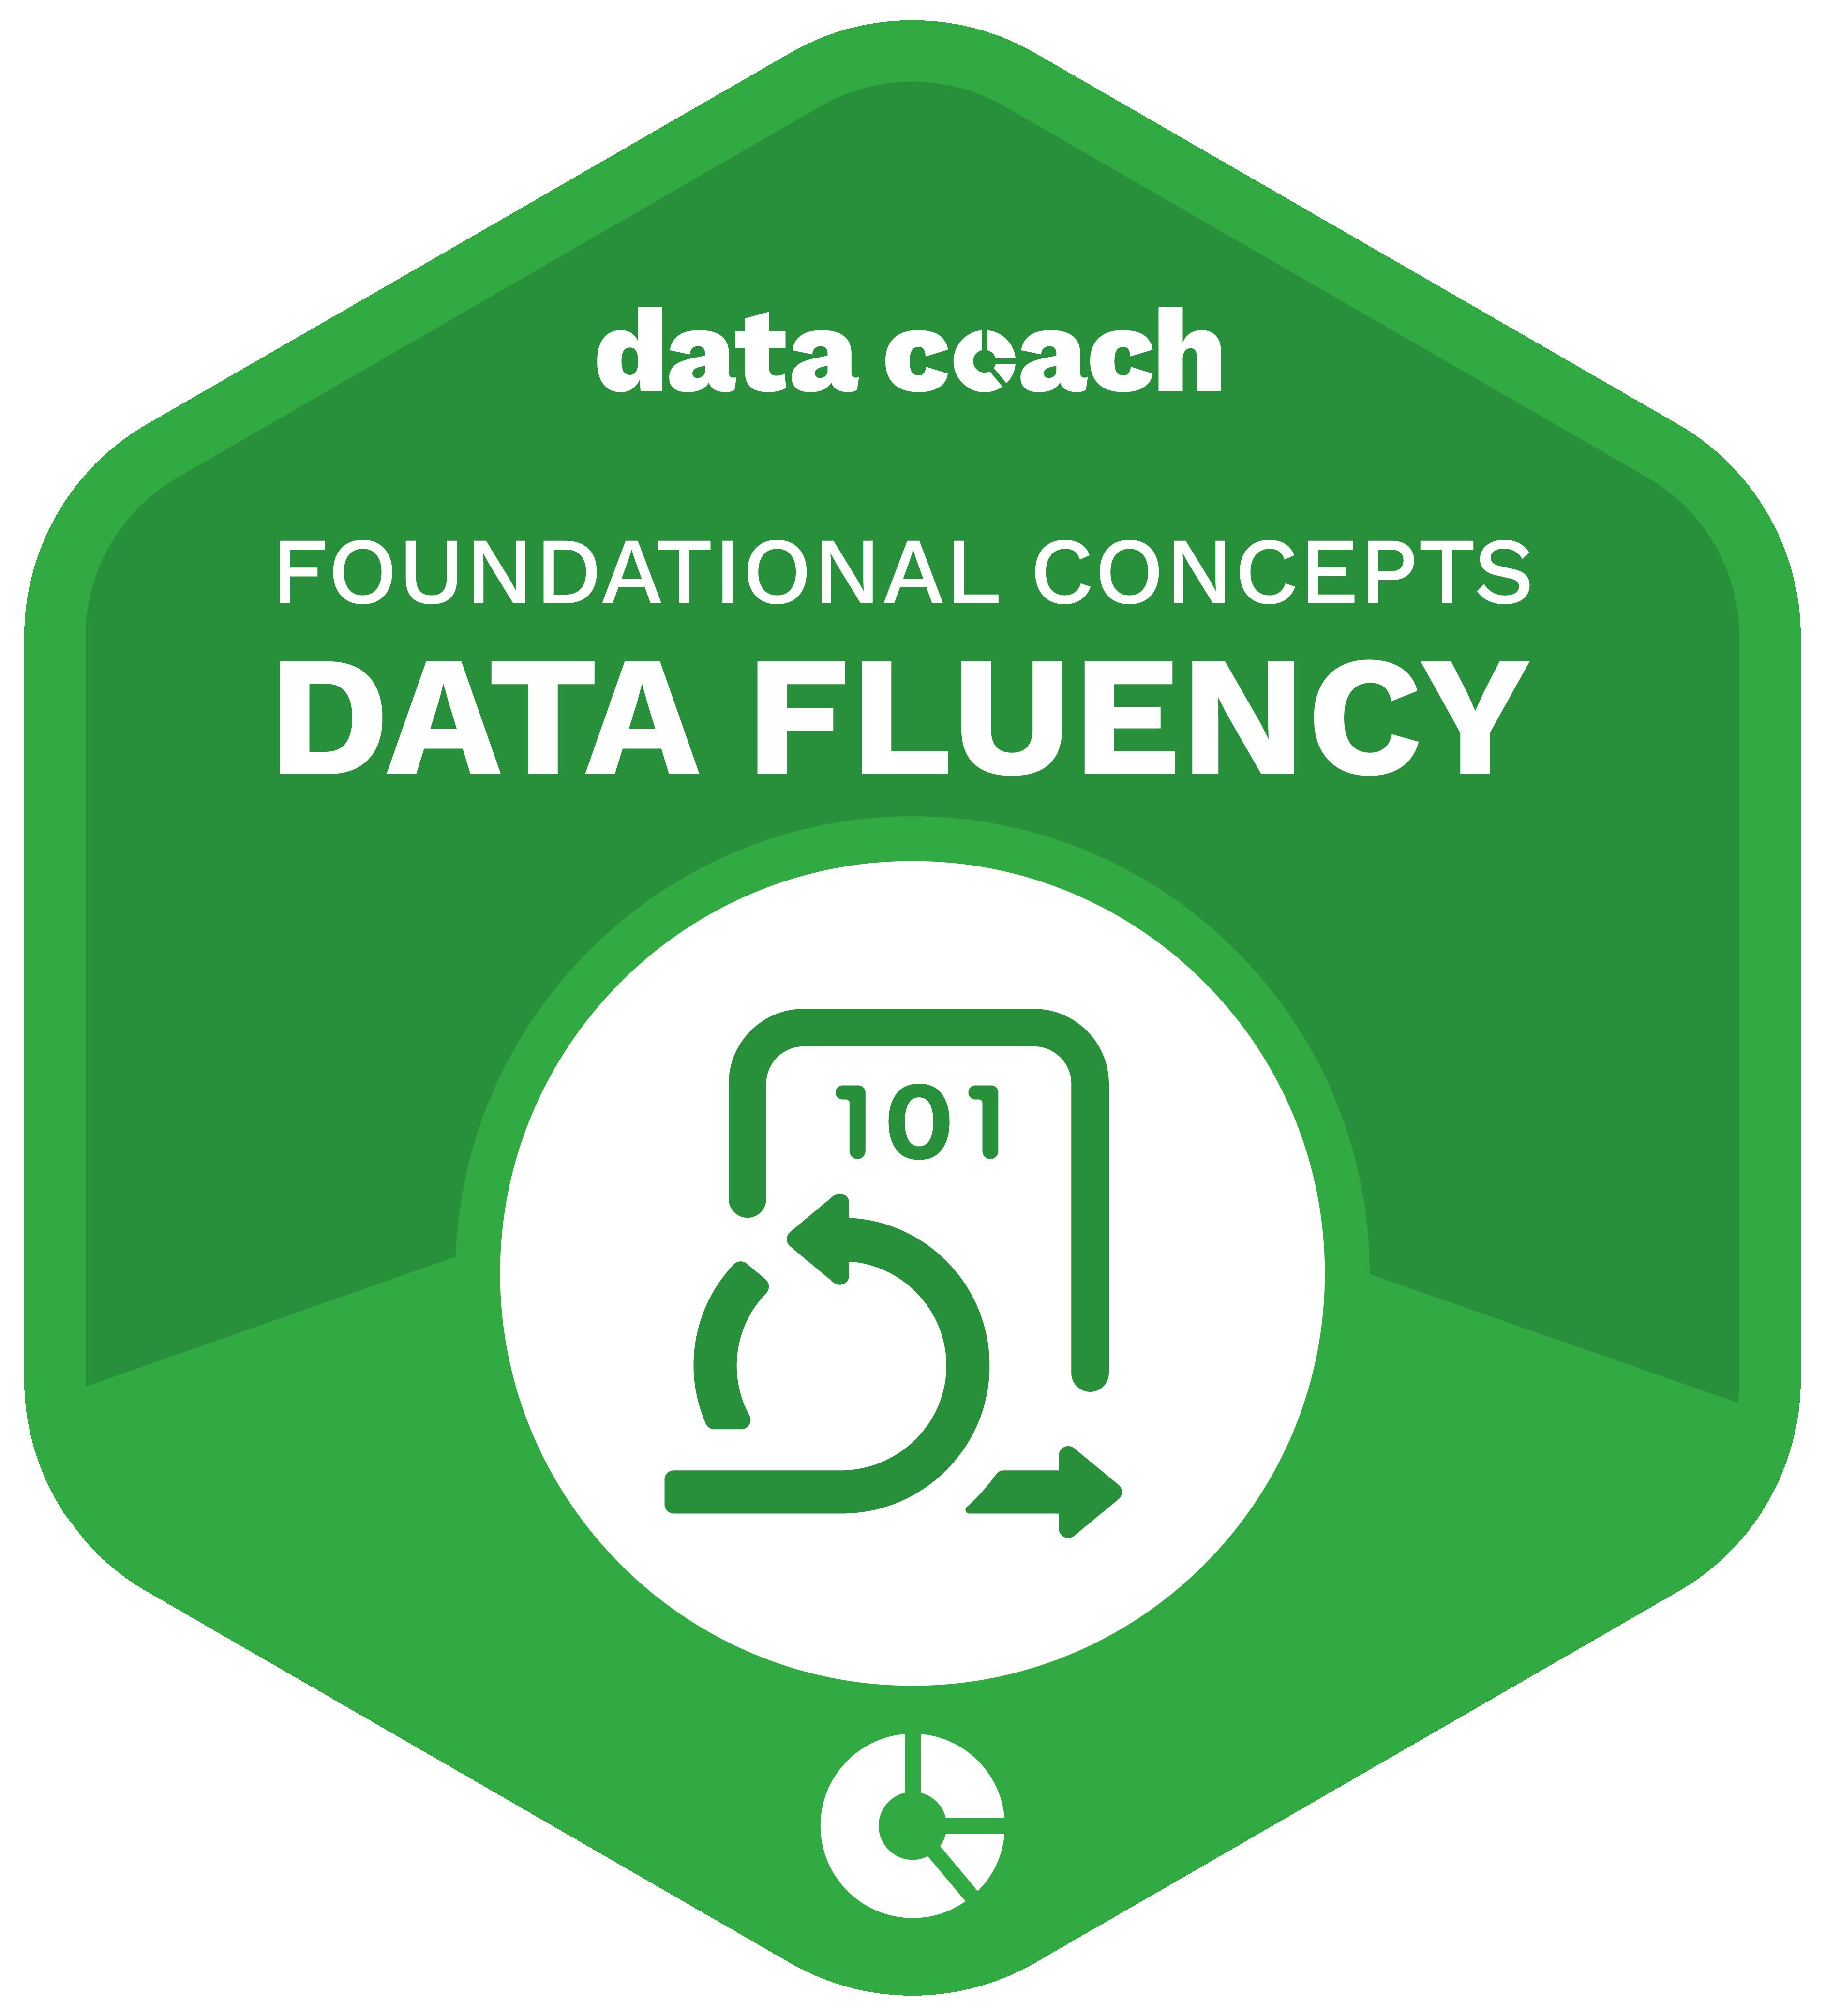 Data Fluency Consumer